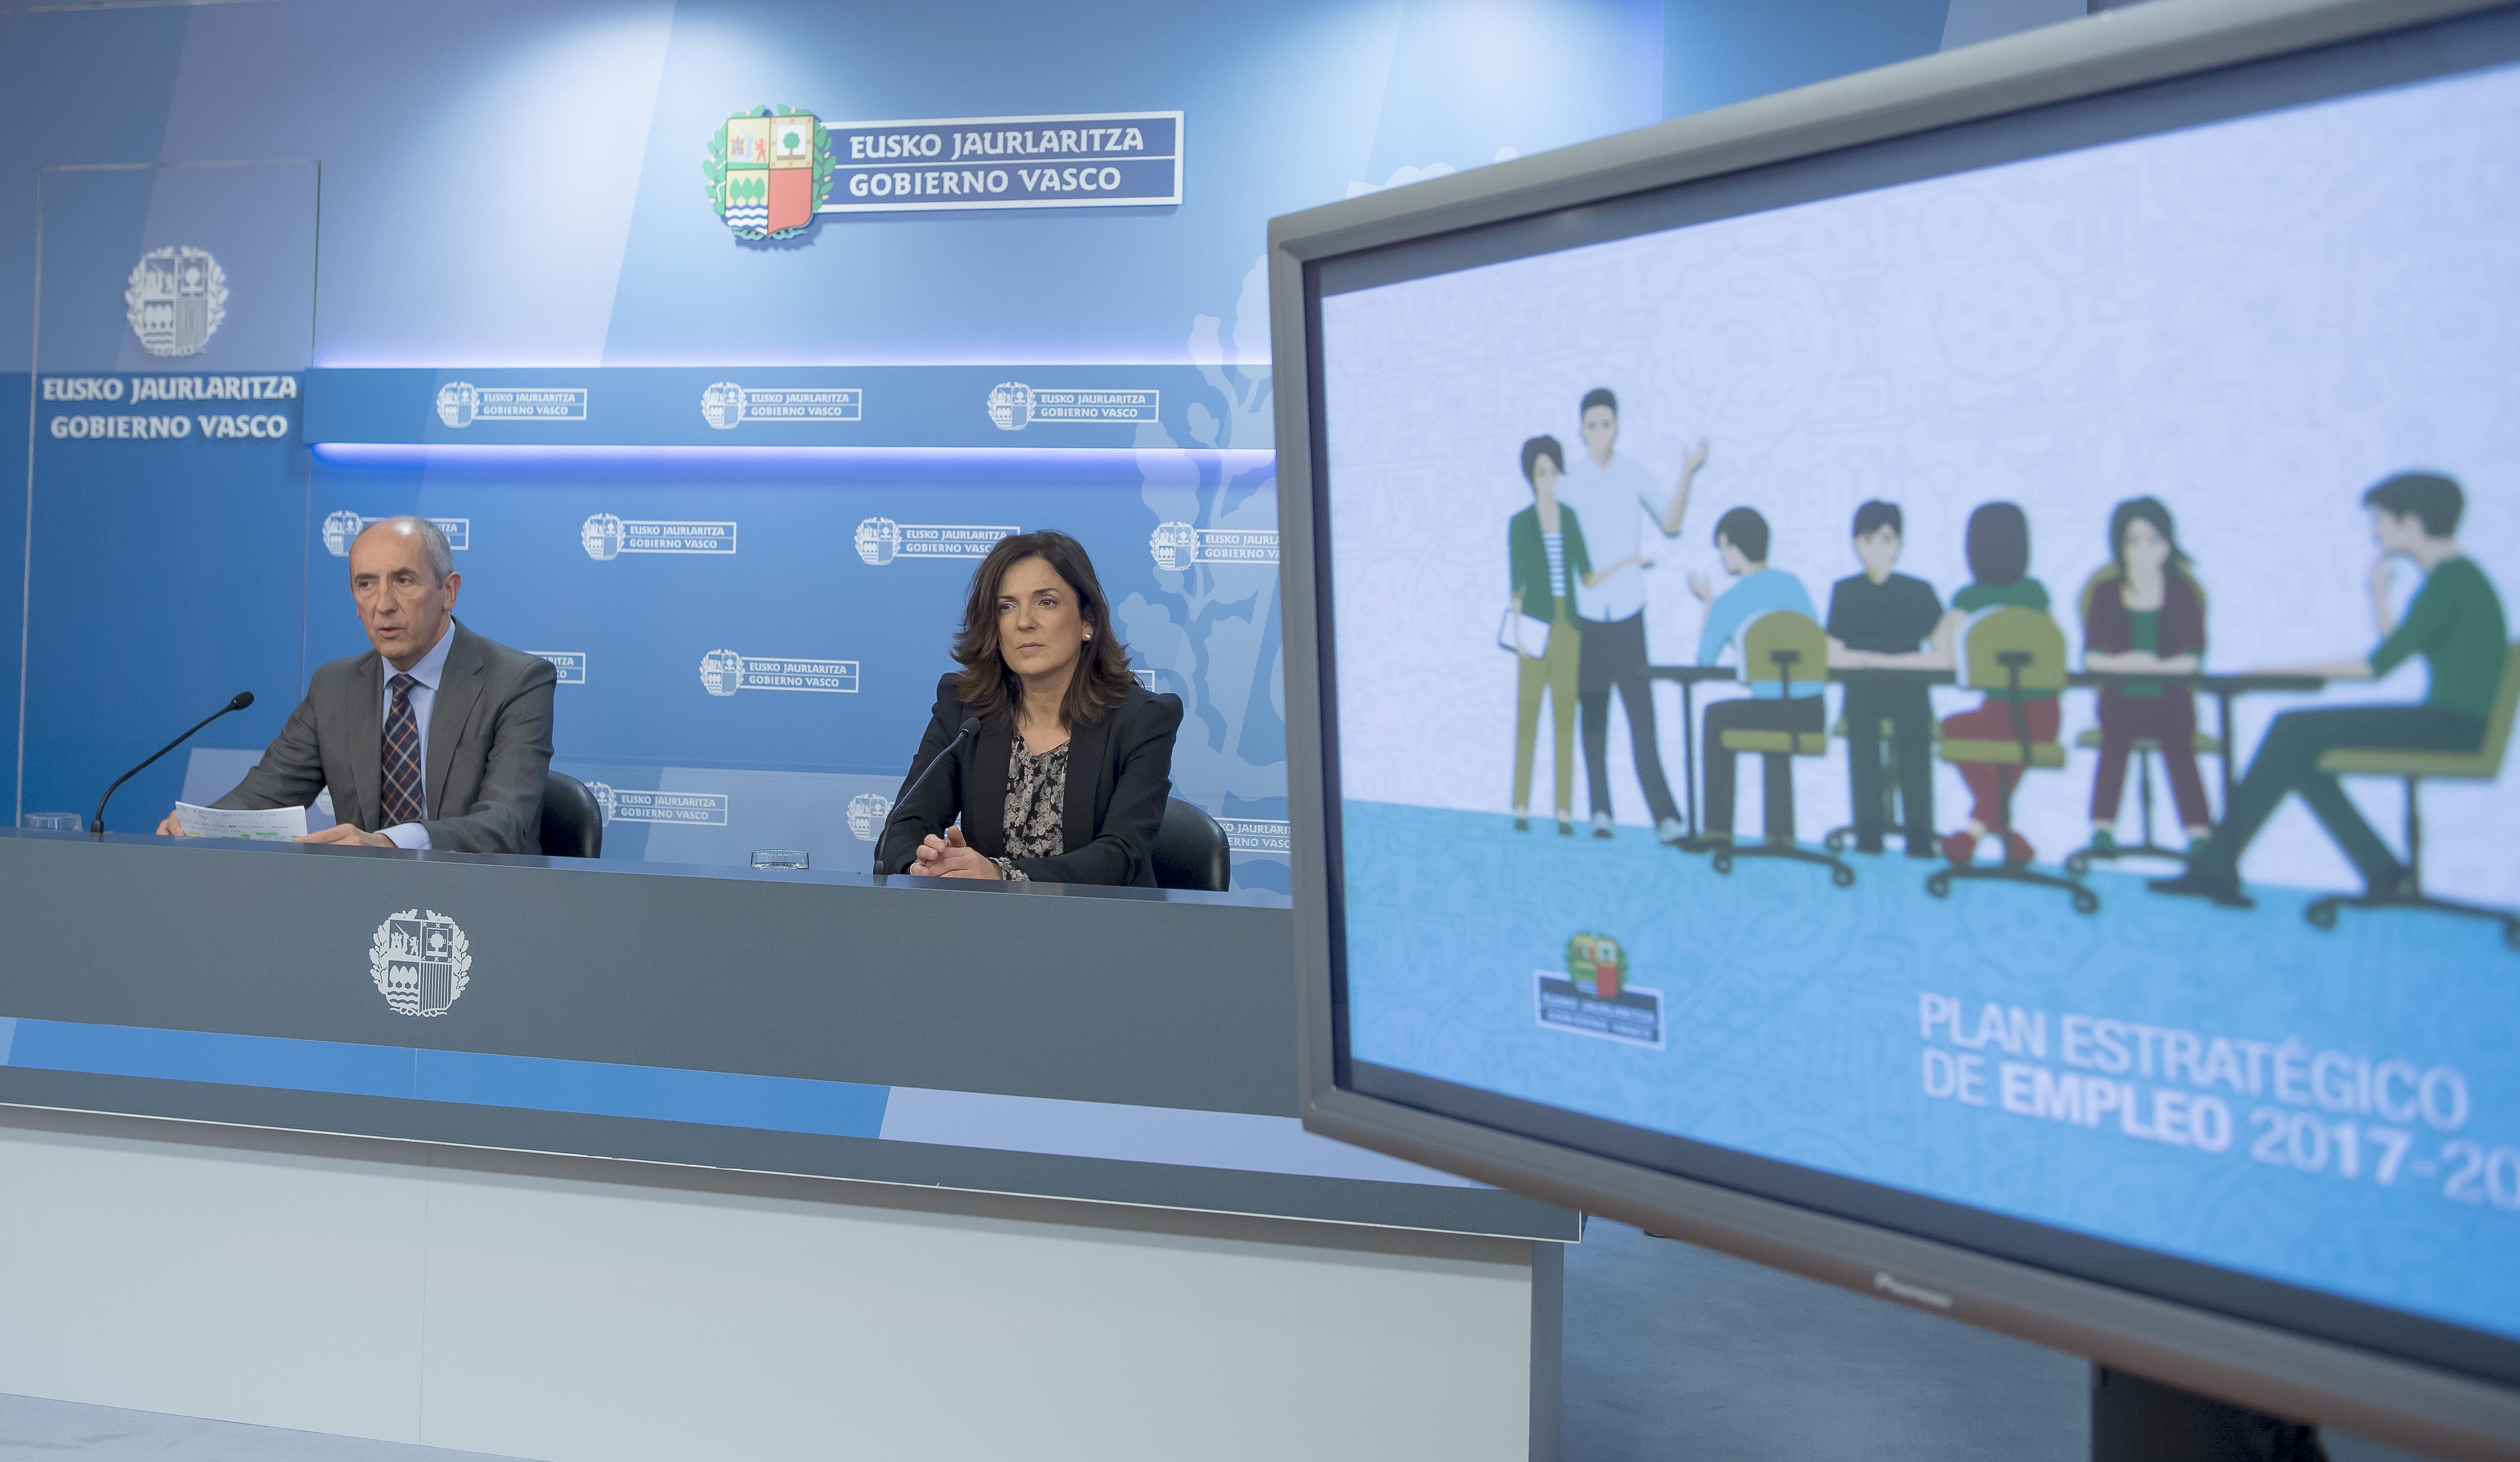 El Gobierno Vasco da el visto bueno al nuevo Plan Estratégico de Empleo 2017-2020